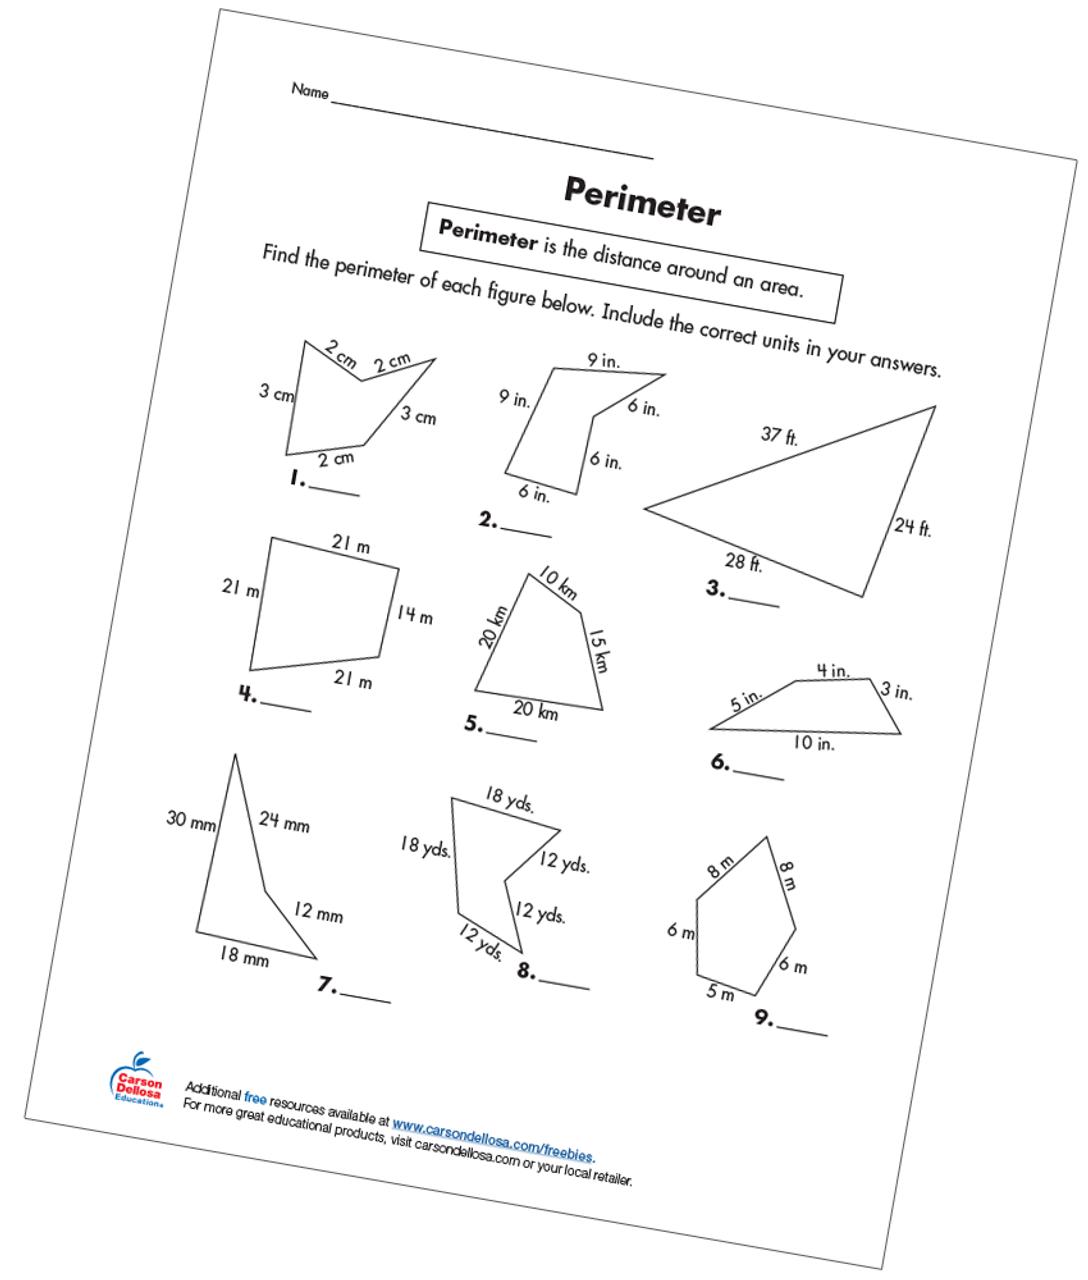 Perimeter Grade 3 Free Printable - Carson Dellosa Education [ 1280 x 1088 Pixel ]